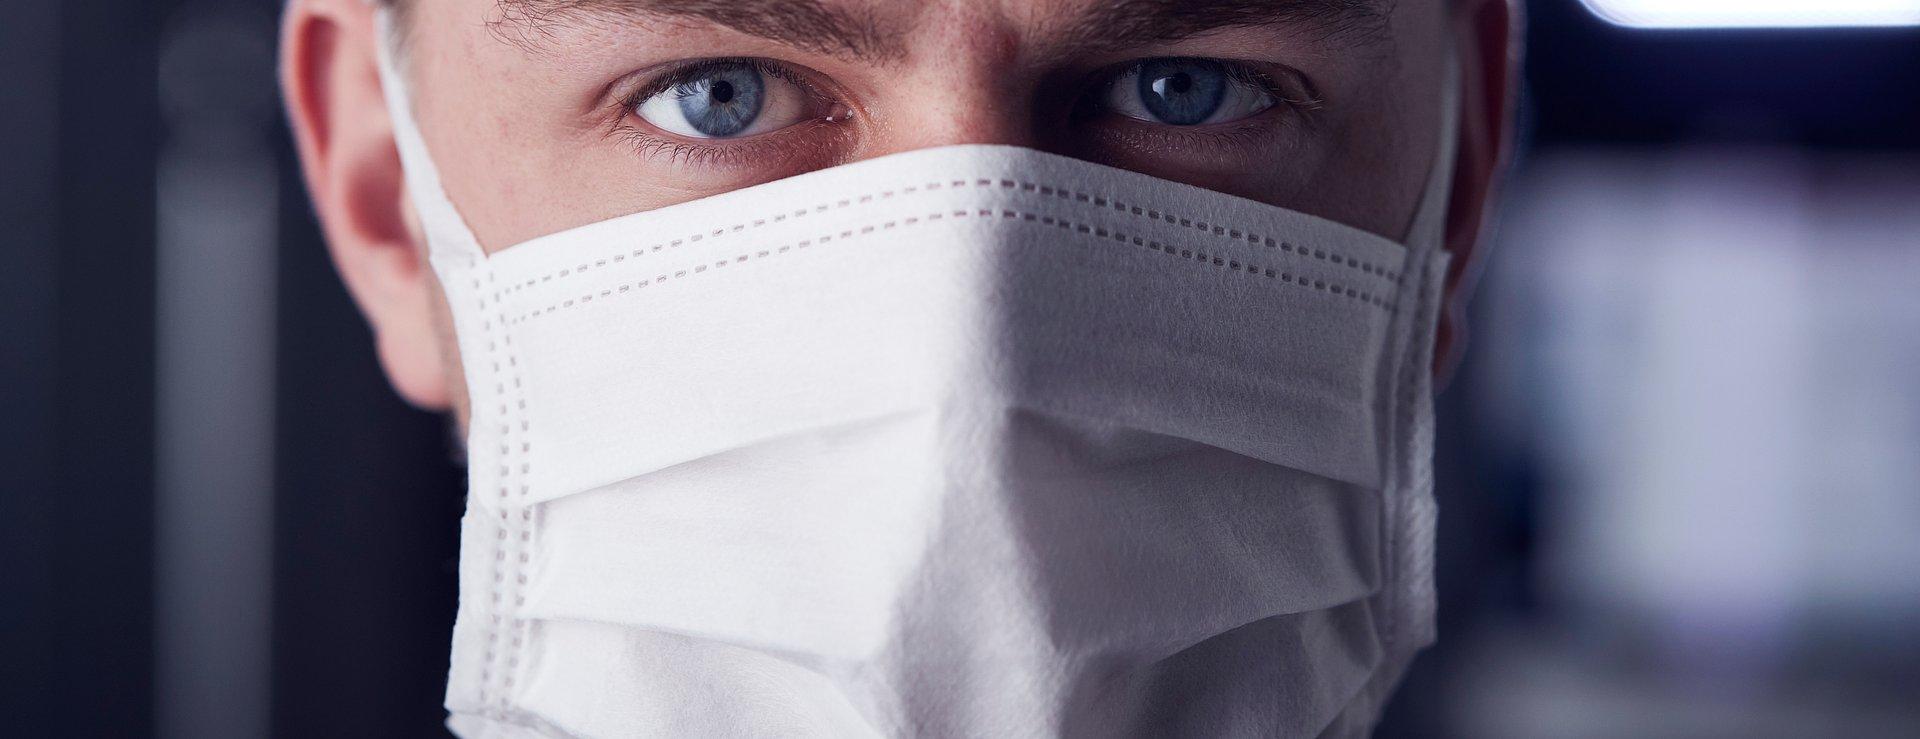 Apteka w dobie koronawirusa – relacja farmaceuty